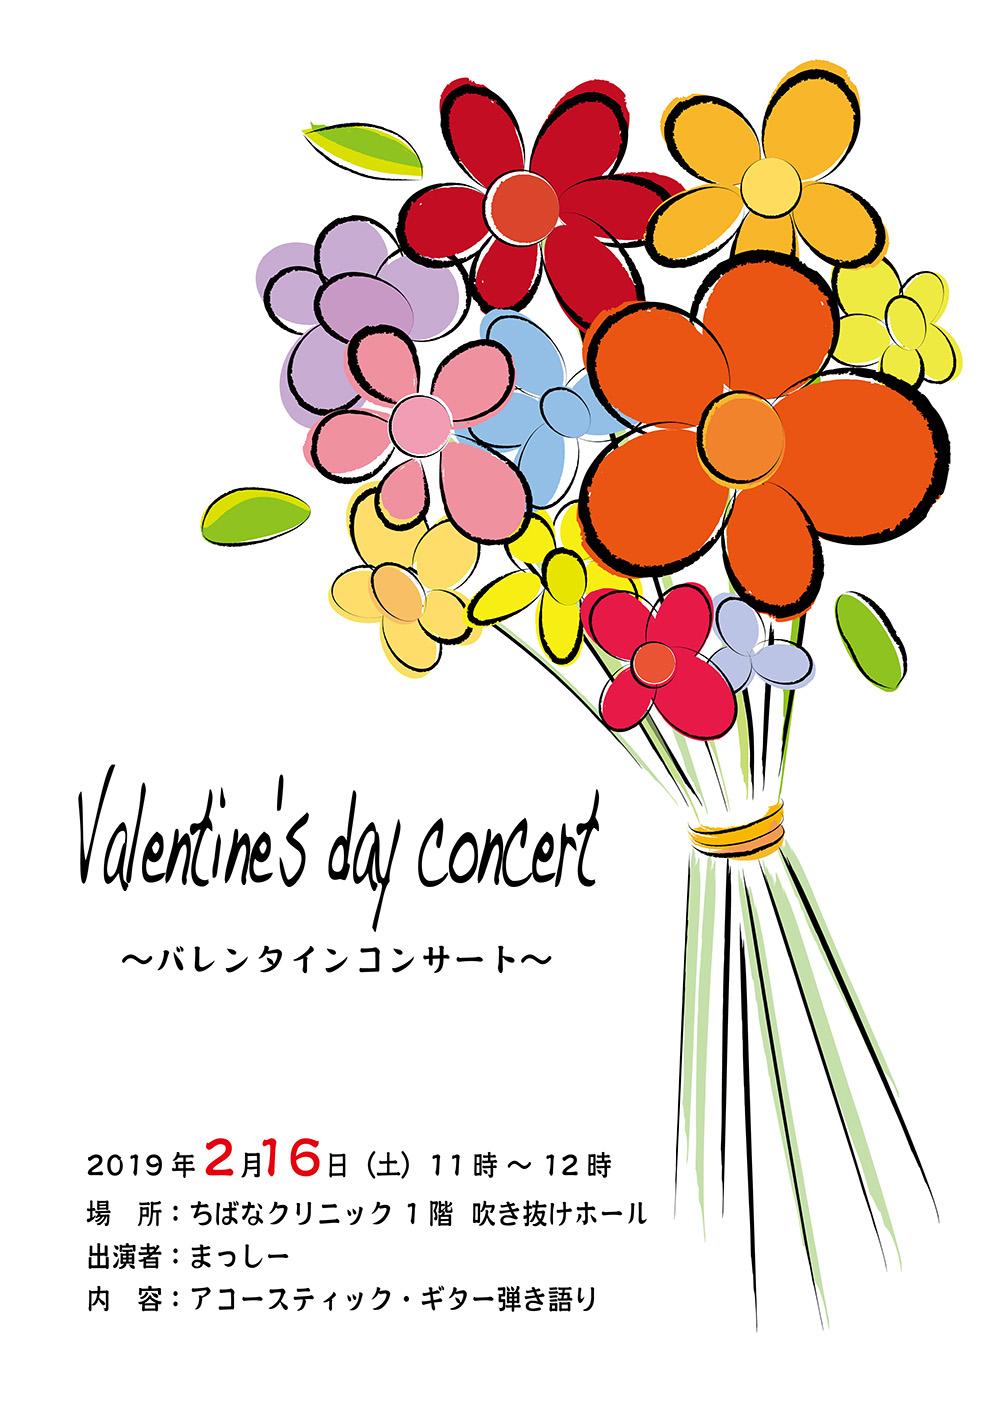 「バレンタインコンサート」